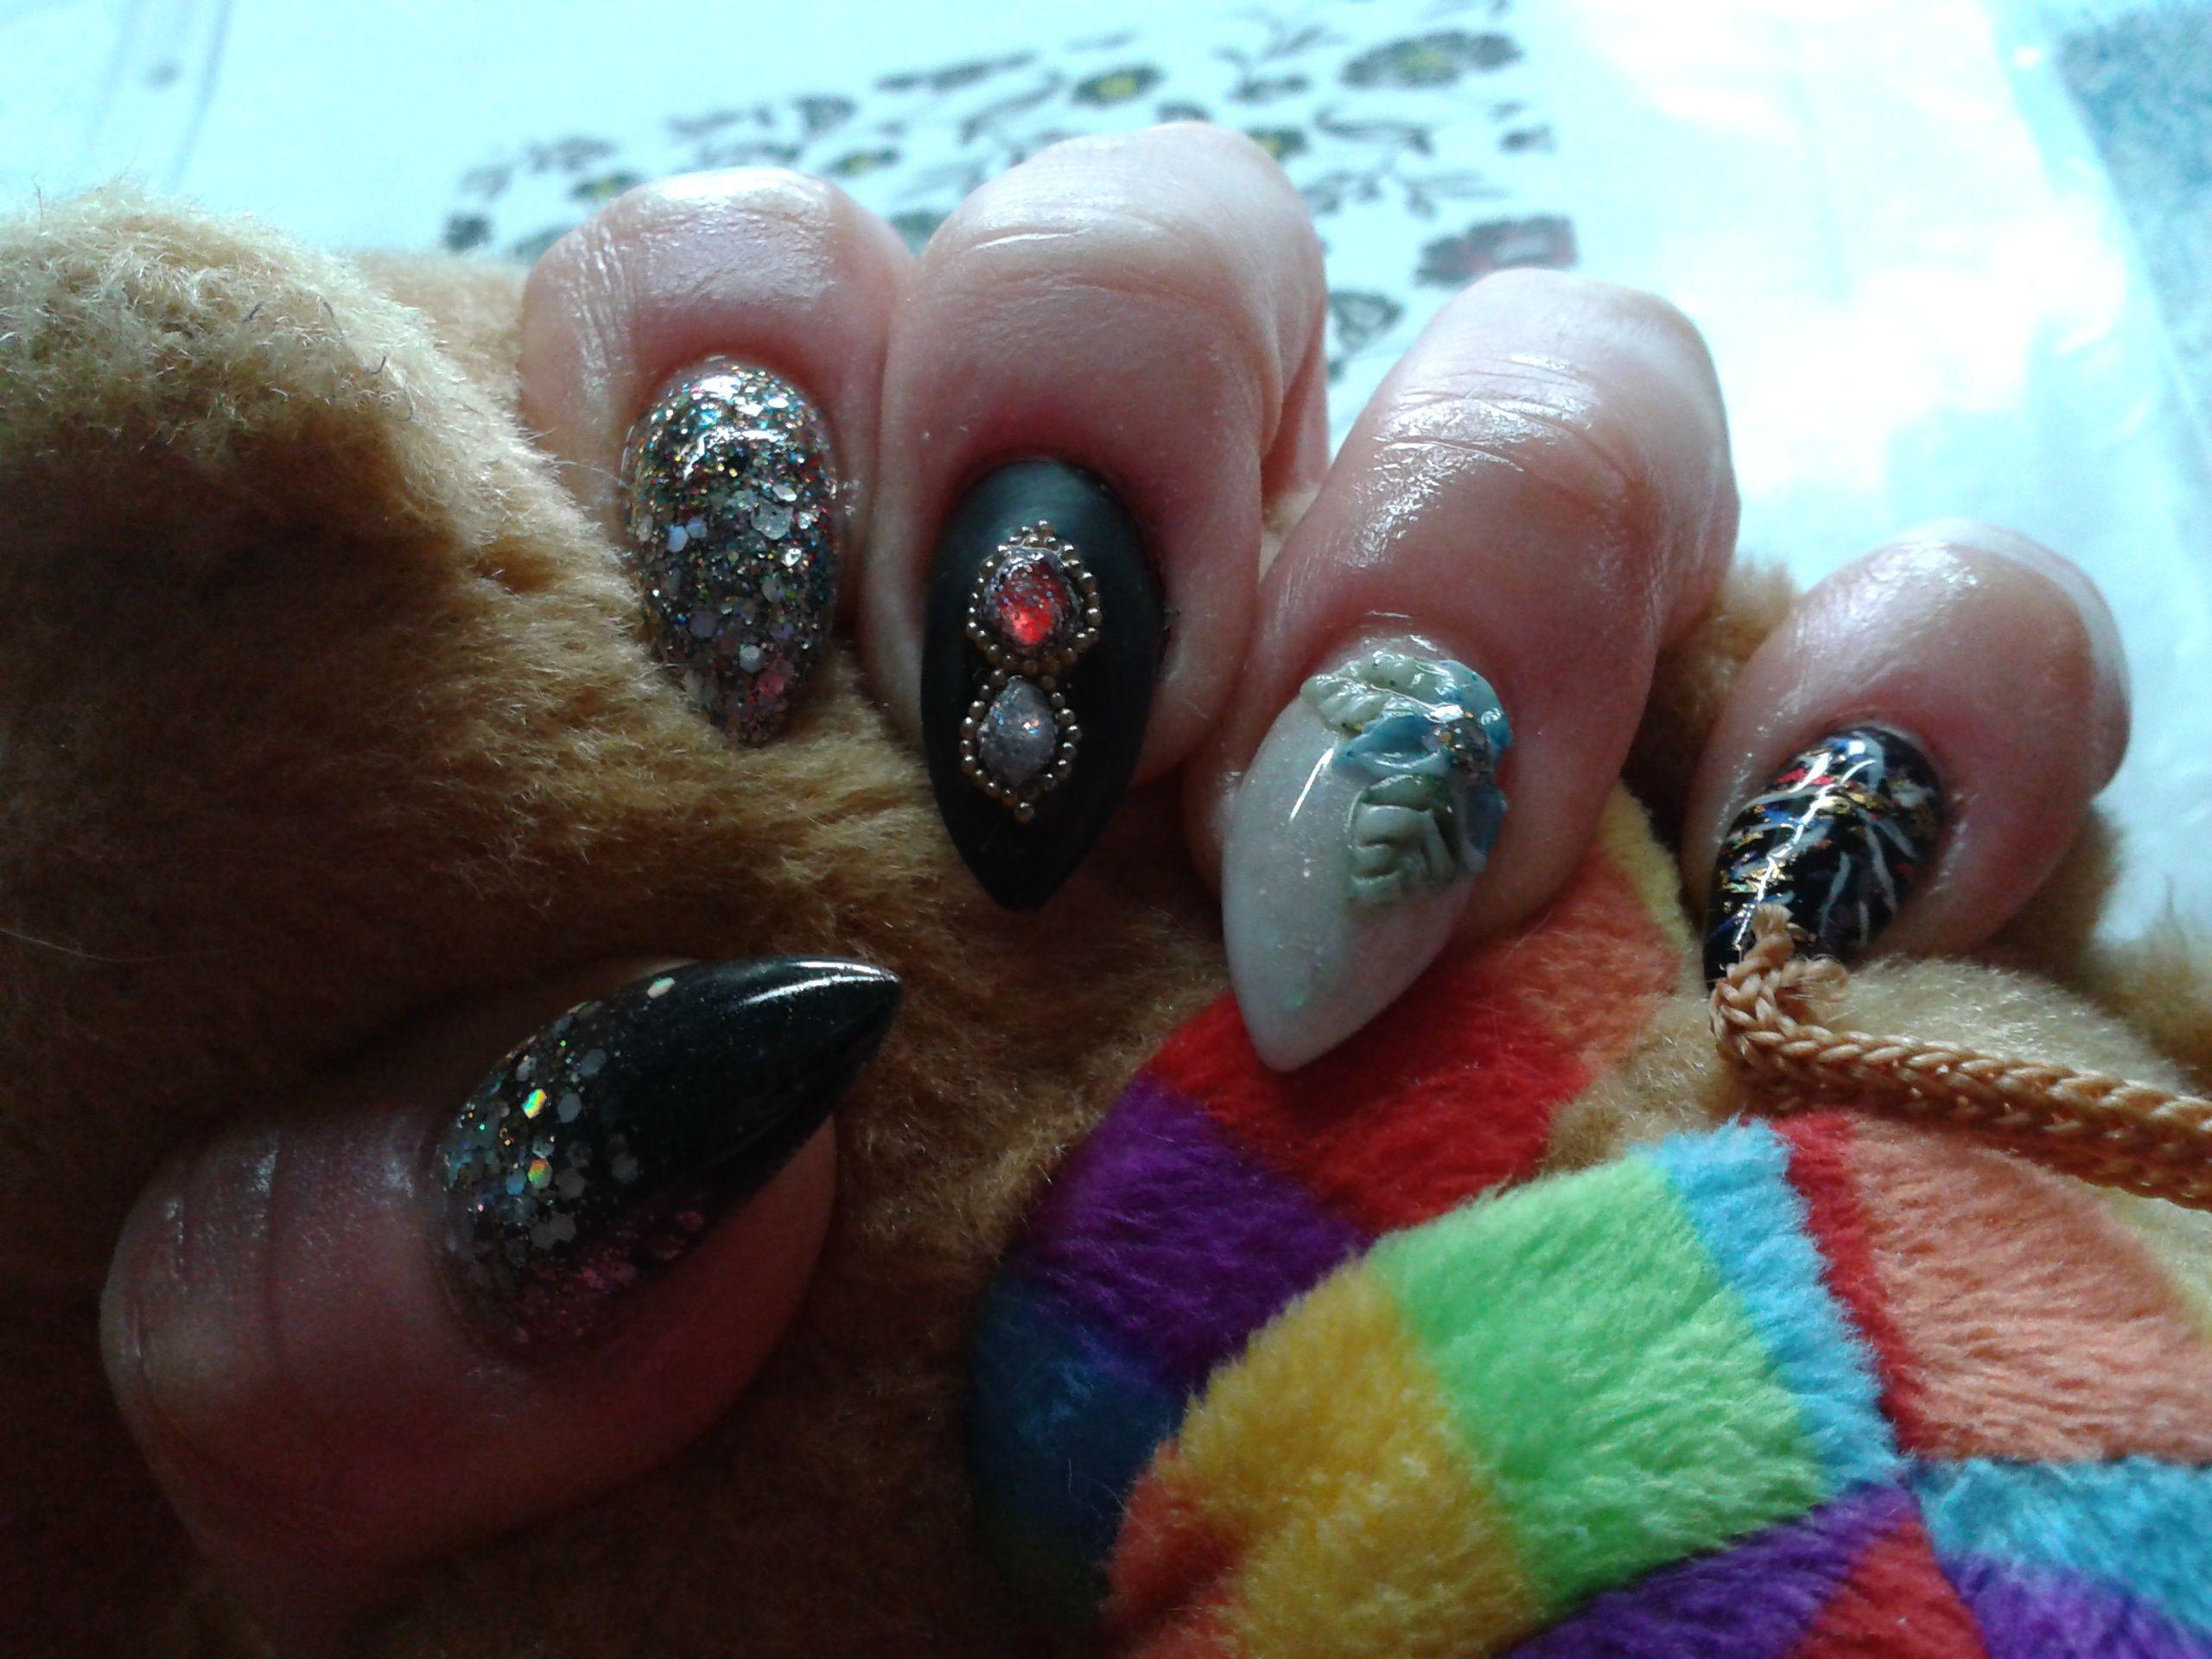 new years eve acrylic nails | moje pomysły (My nail design ideas ...